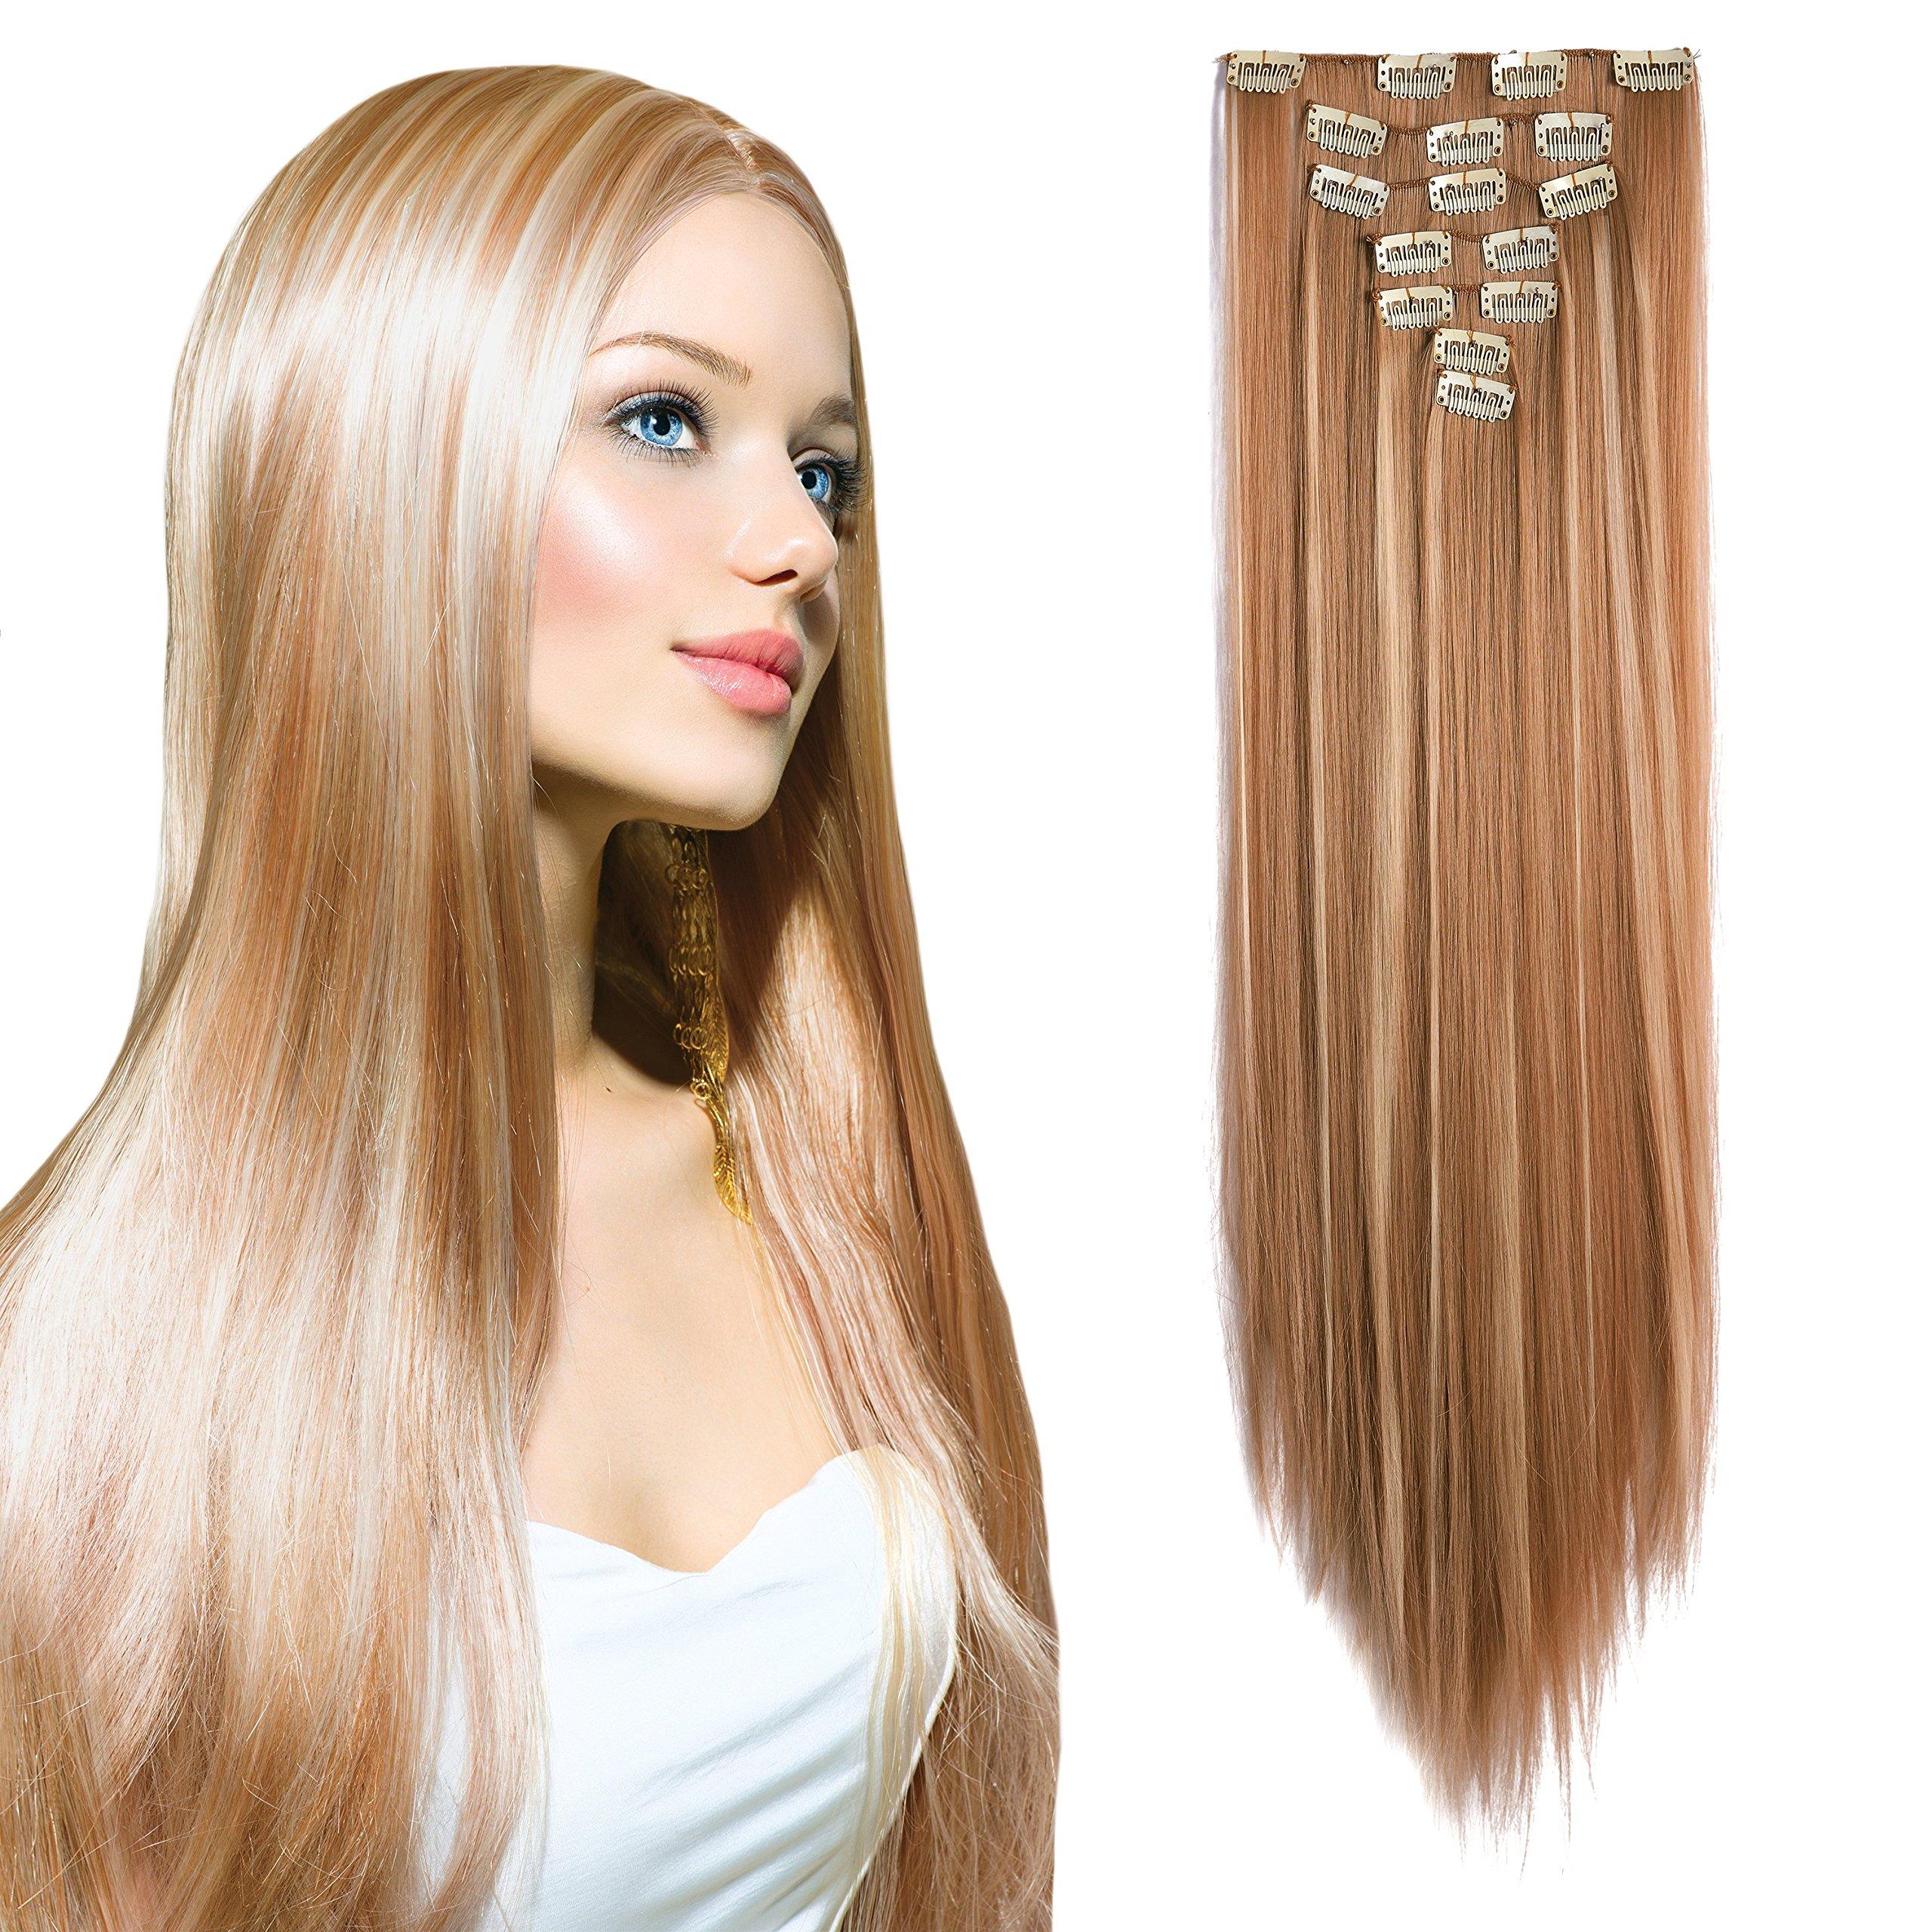 Amazon Onedor 20 Curly Or 24 Straight Full Head Kanekalon